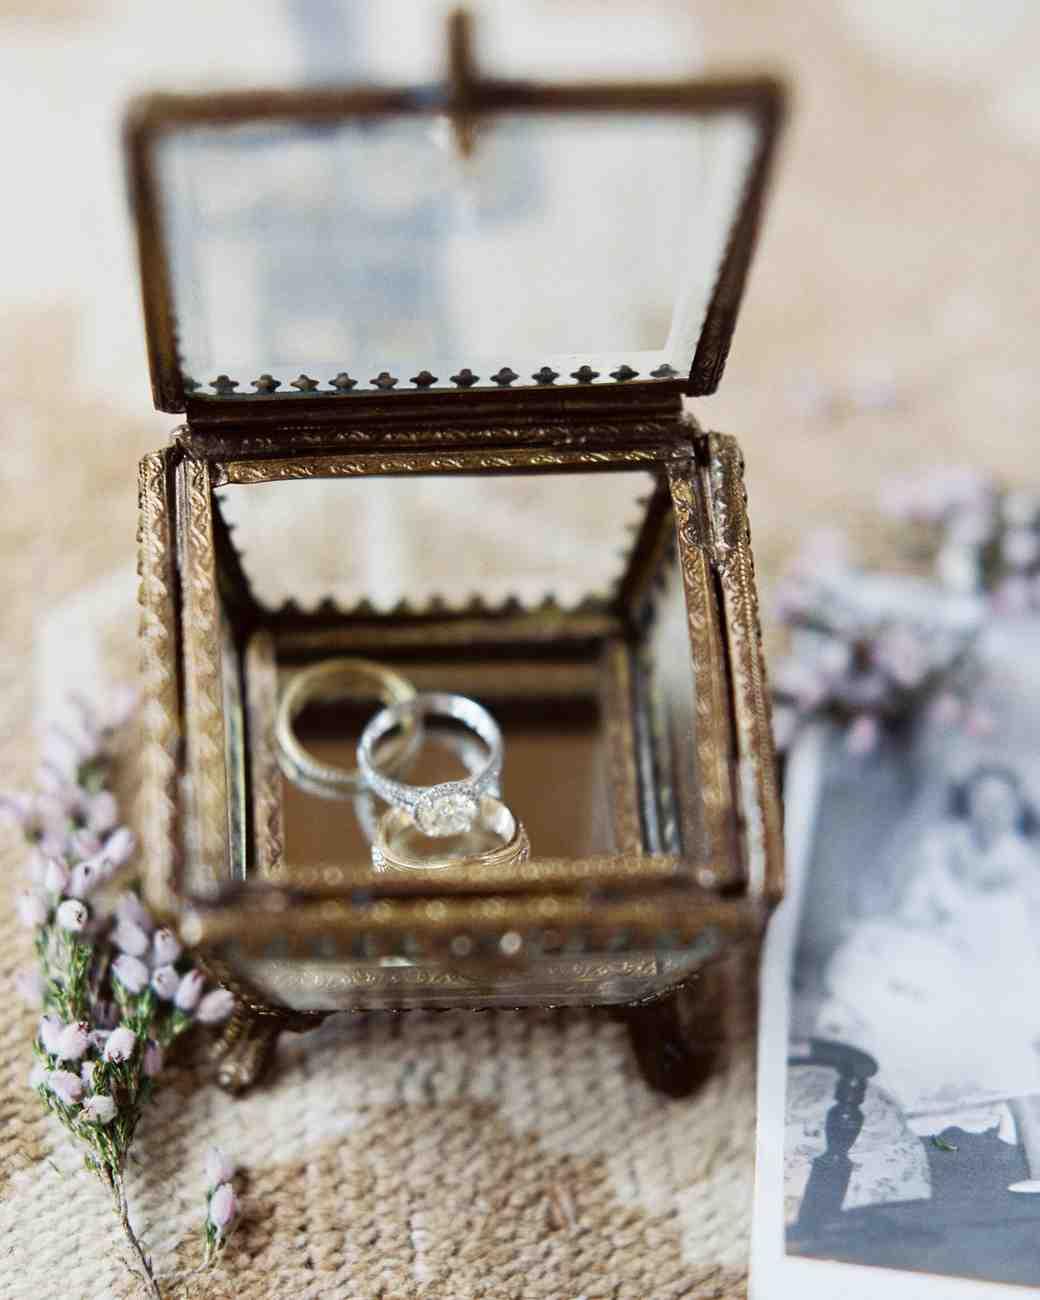 kelsey jacob wedding rings in ornate box